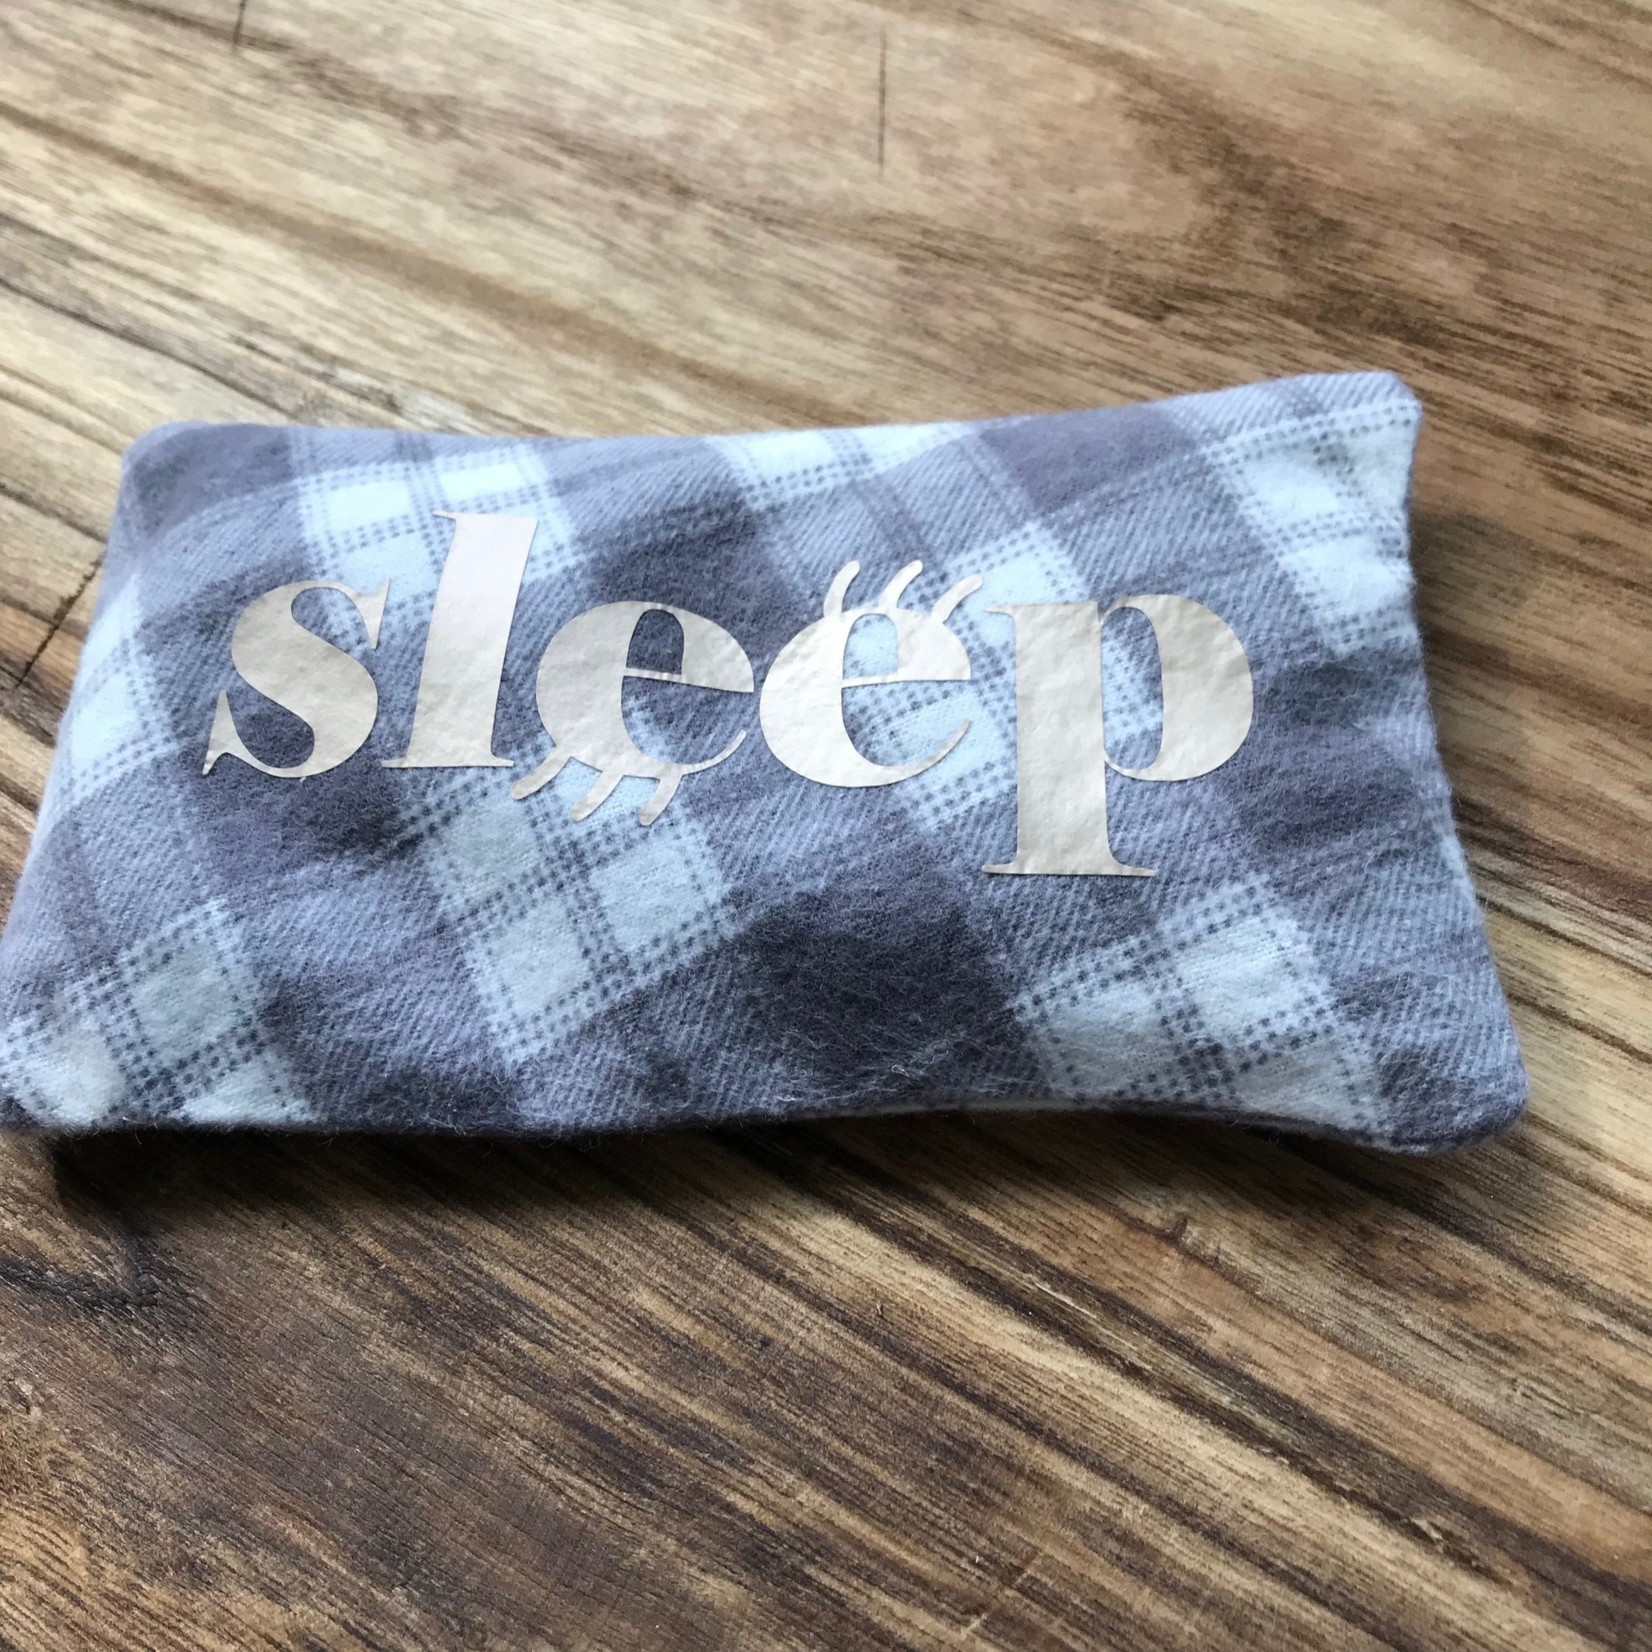 Woodhouse Remedies Woodhouse Remedies Eye Pillow - Gray/White Check